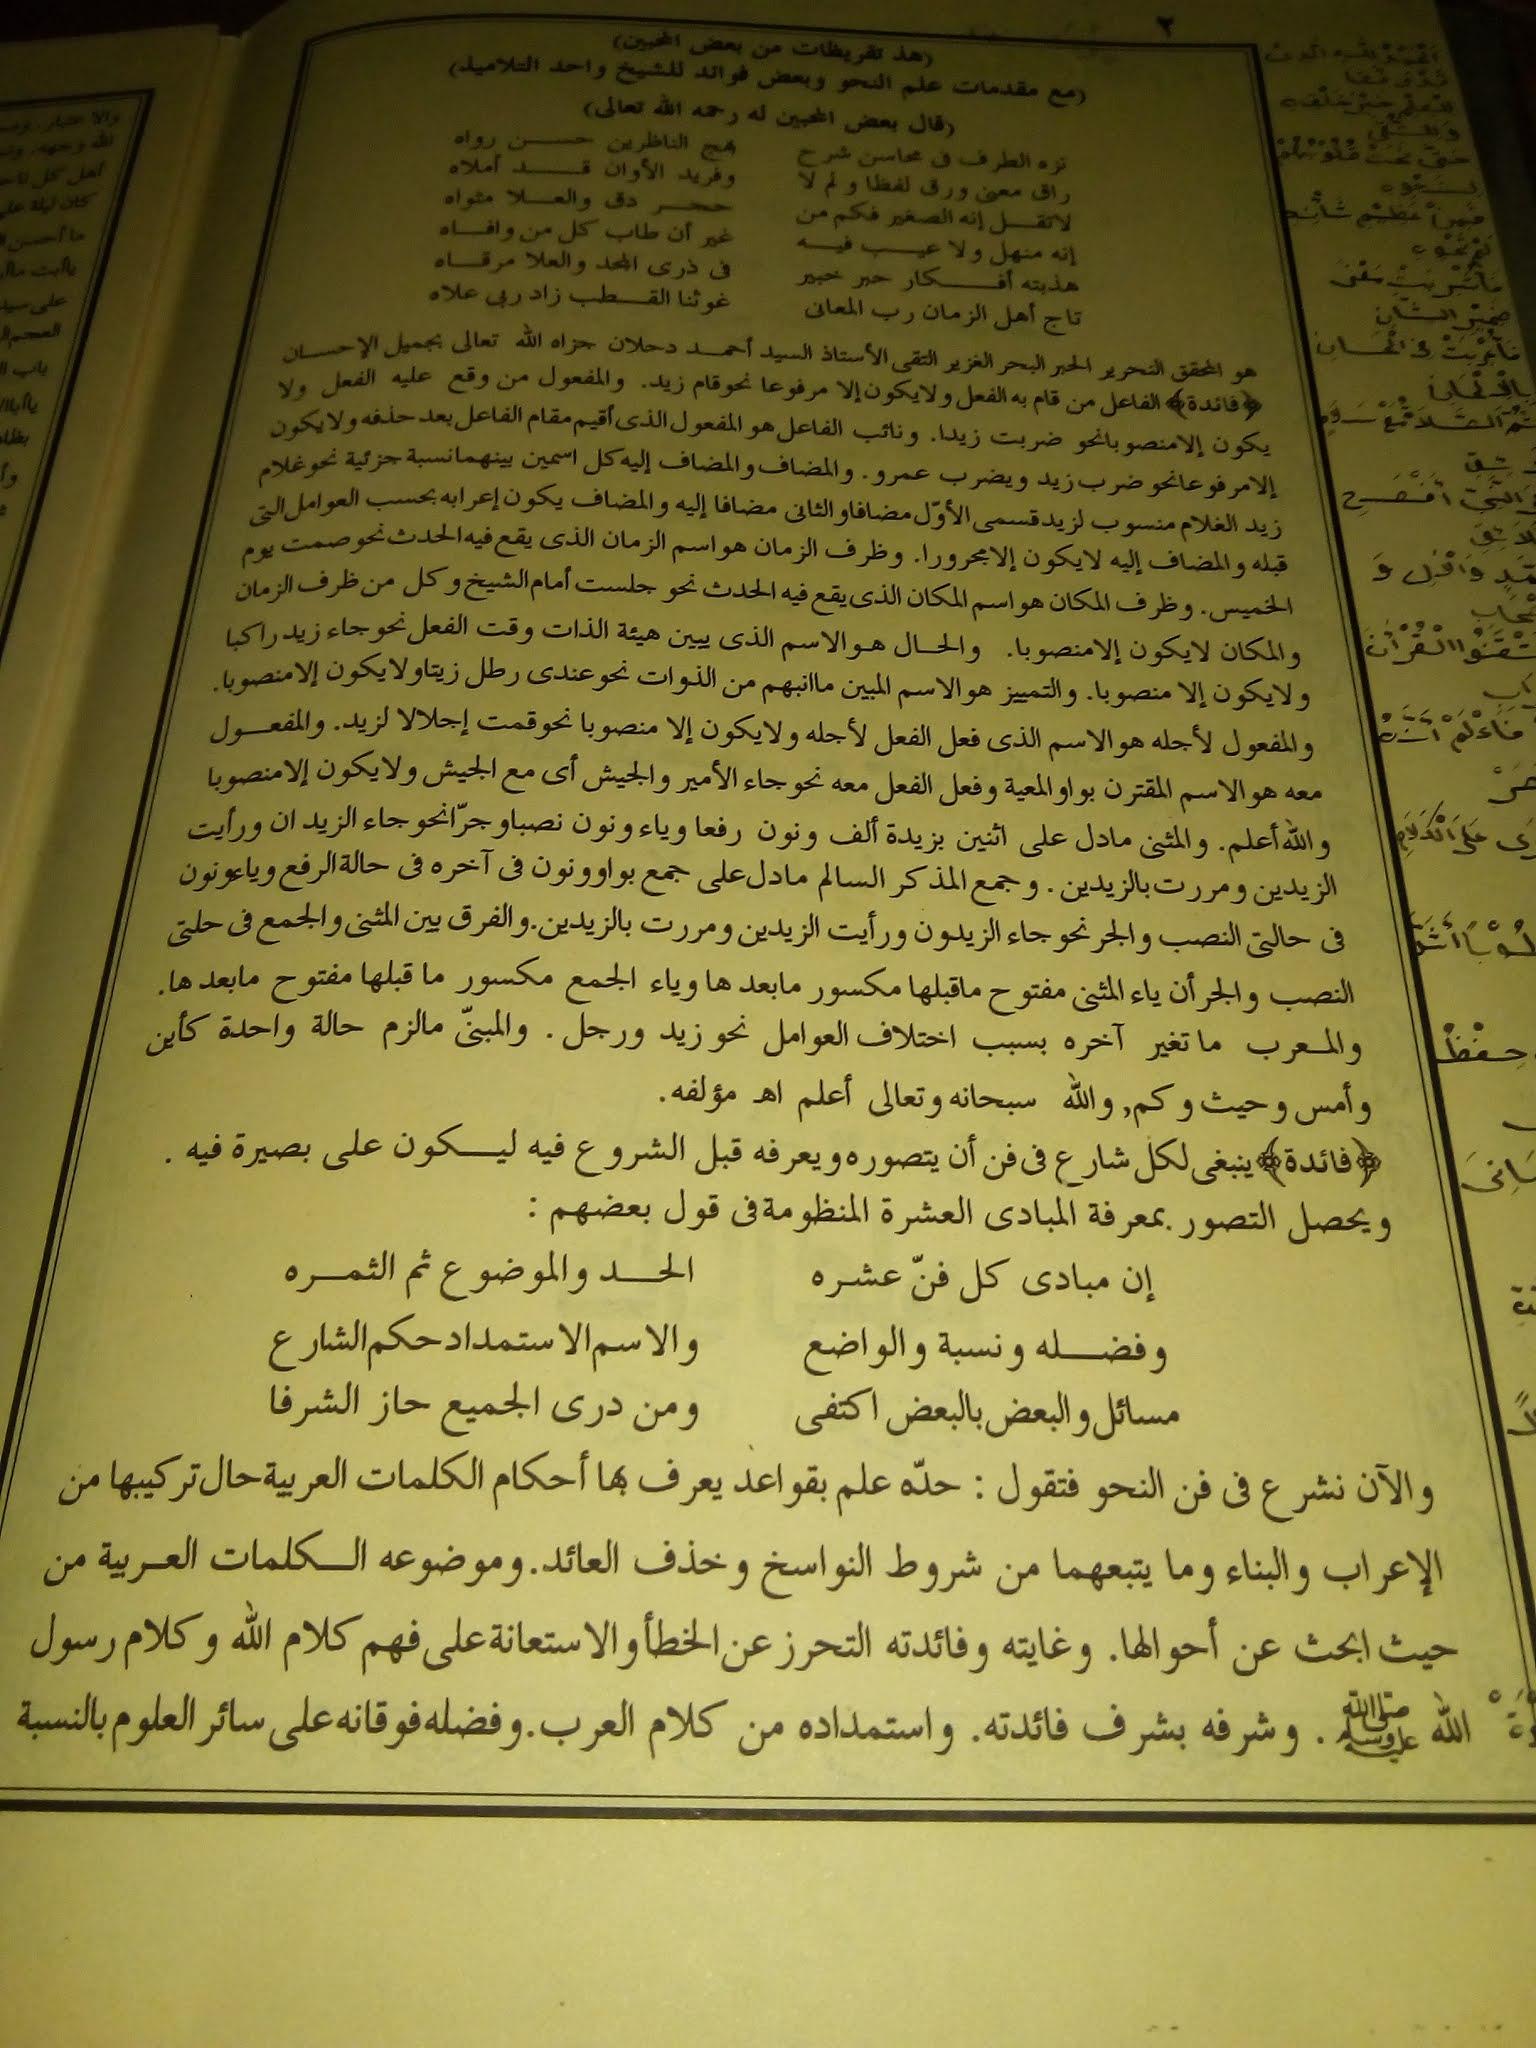 10-mabadi-ilmu